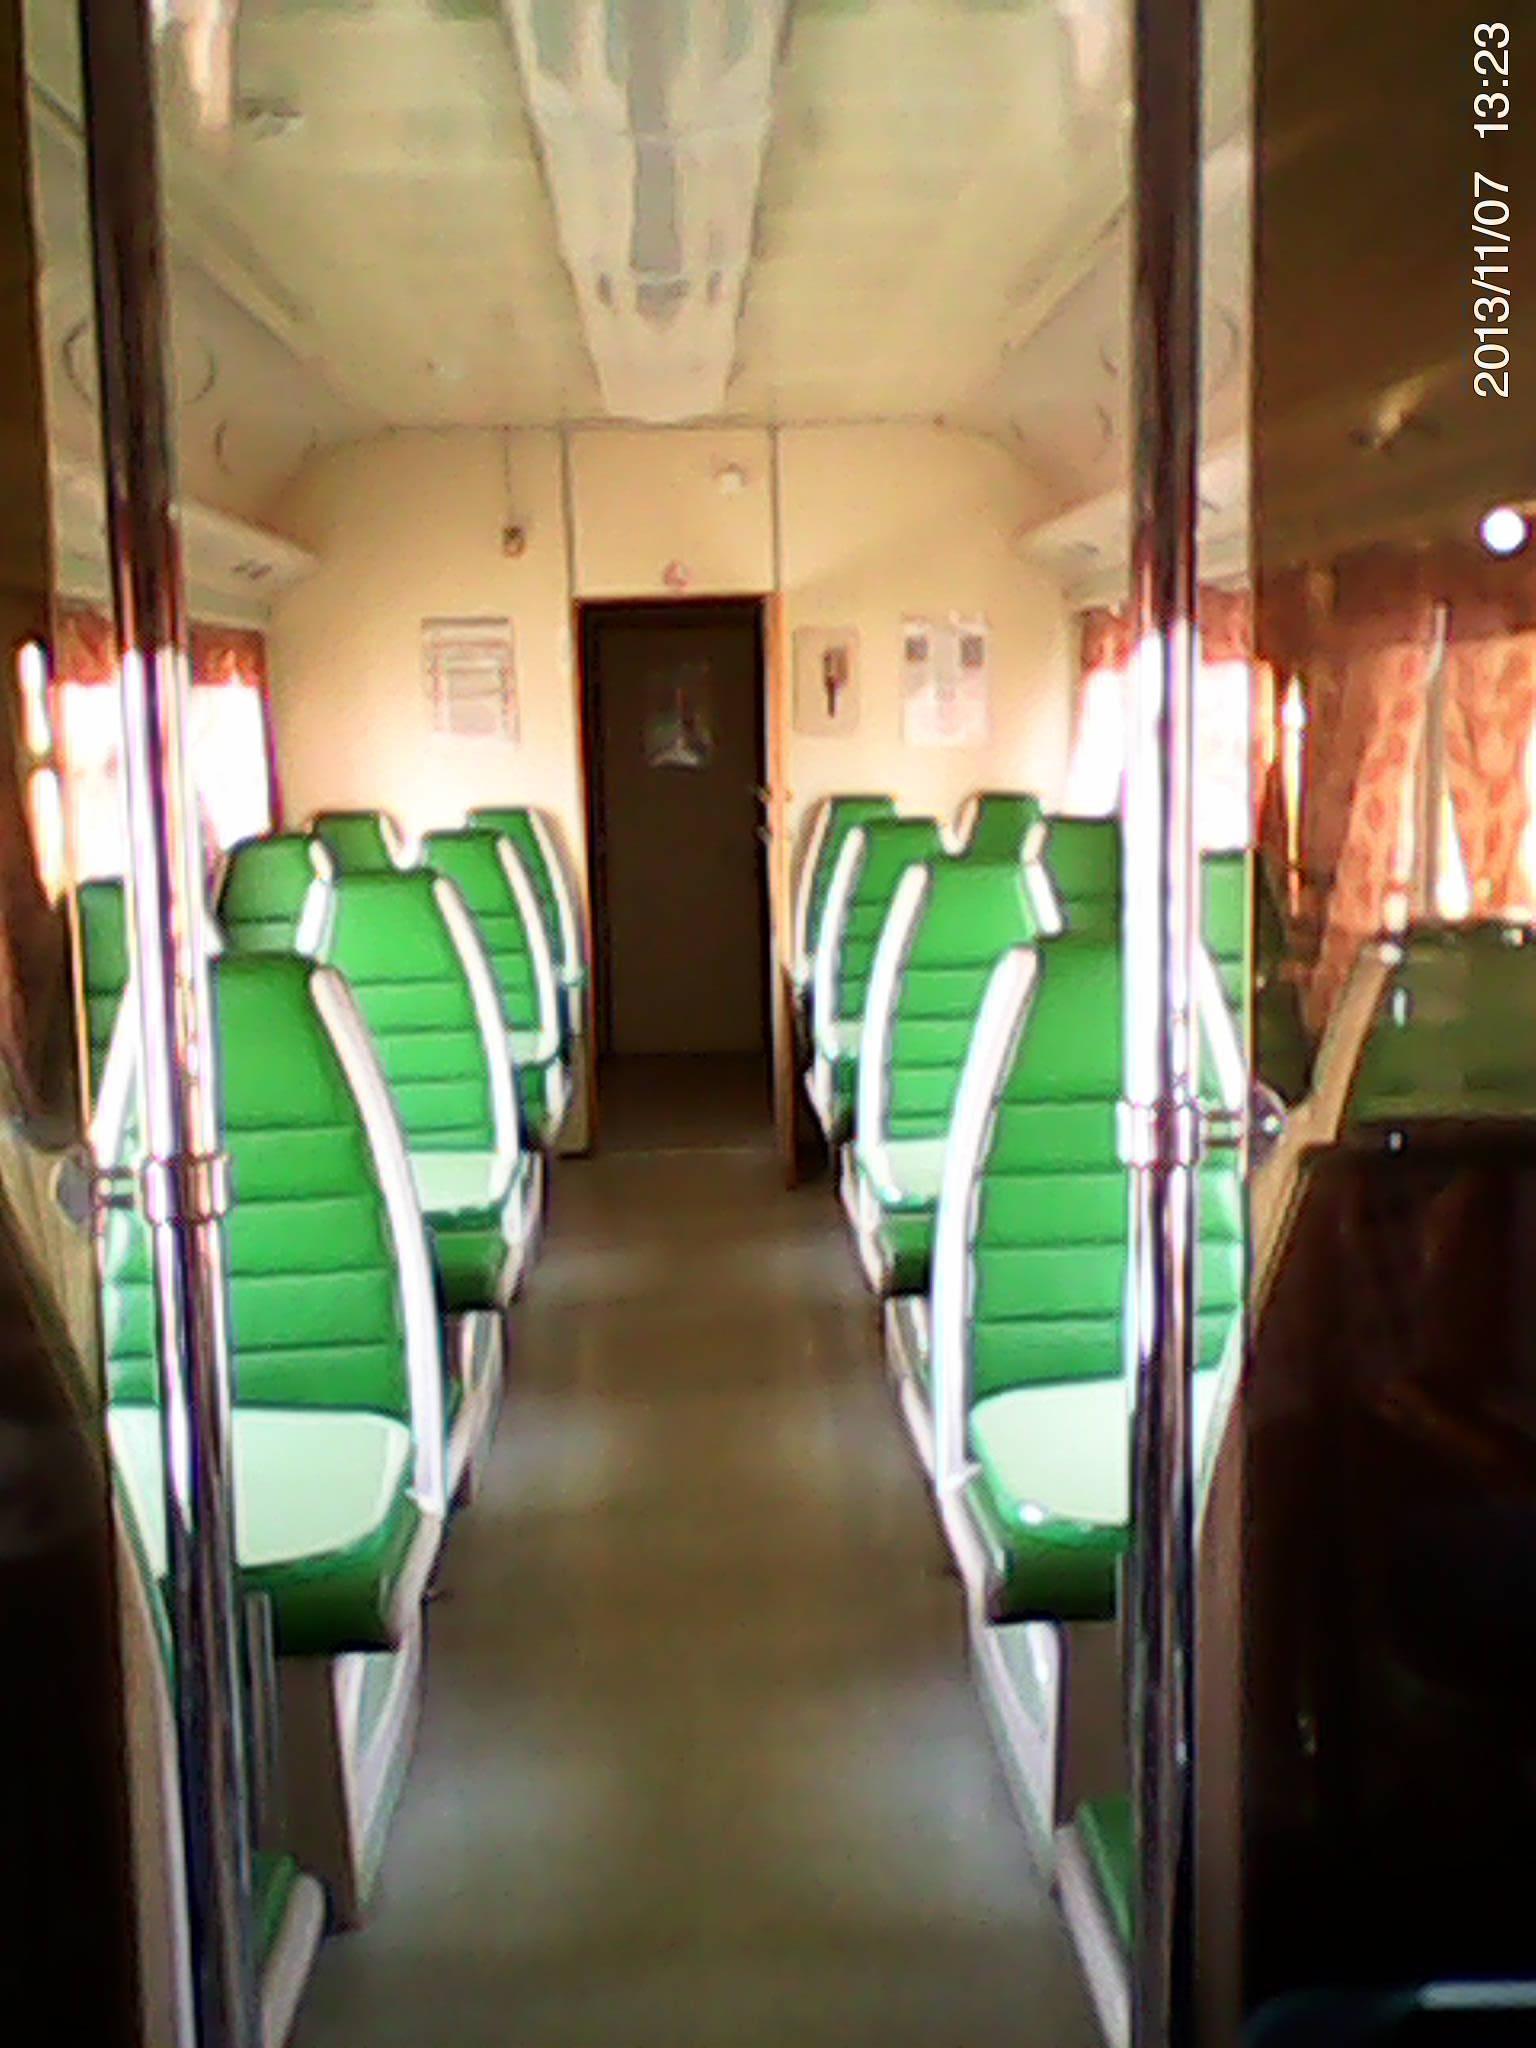 Ночью в поезде скрытая камера